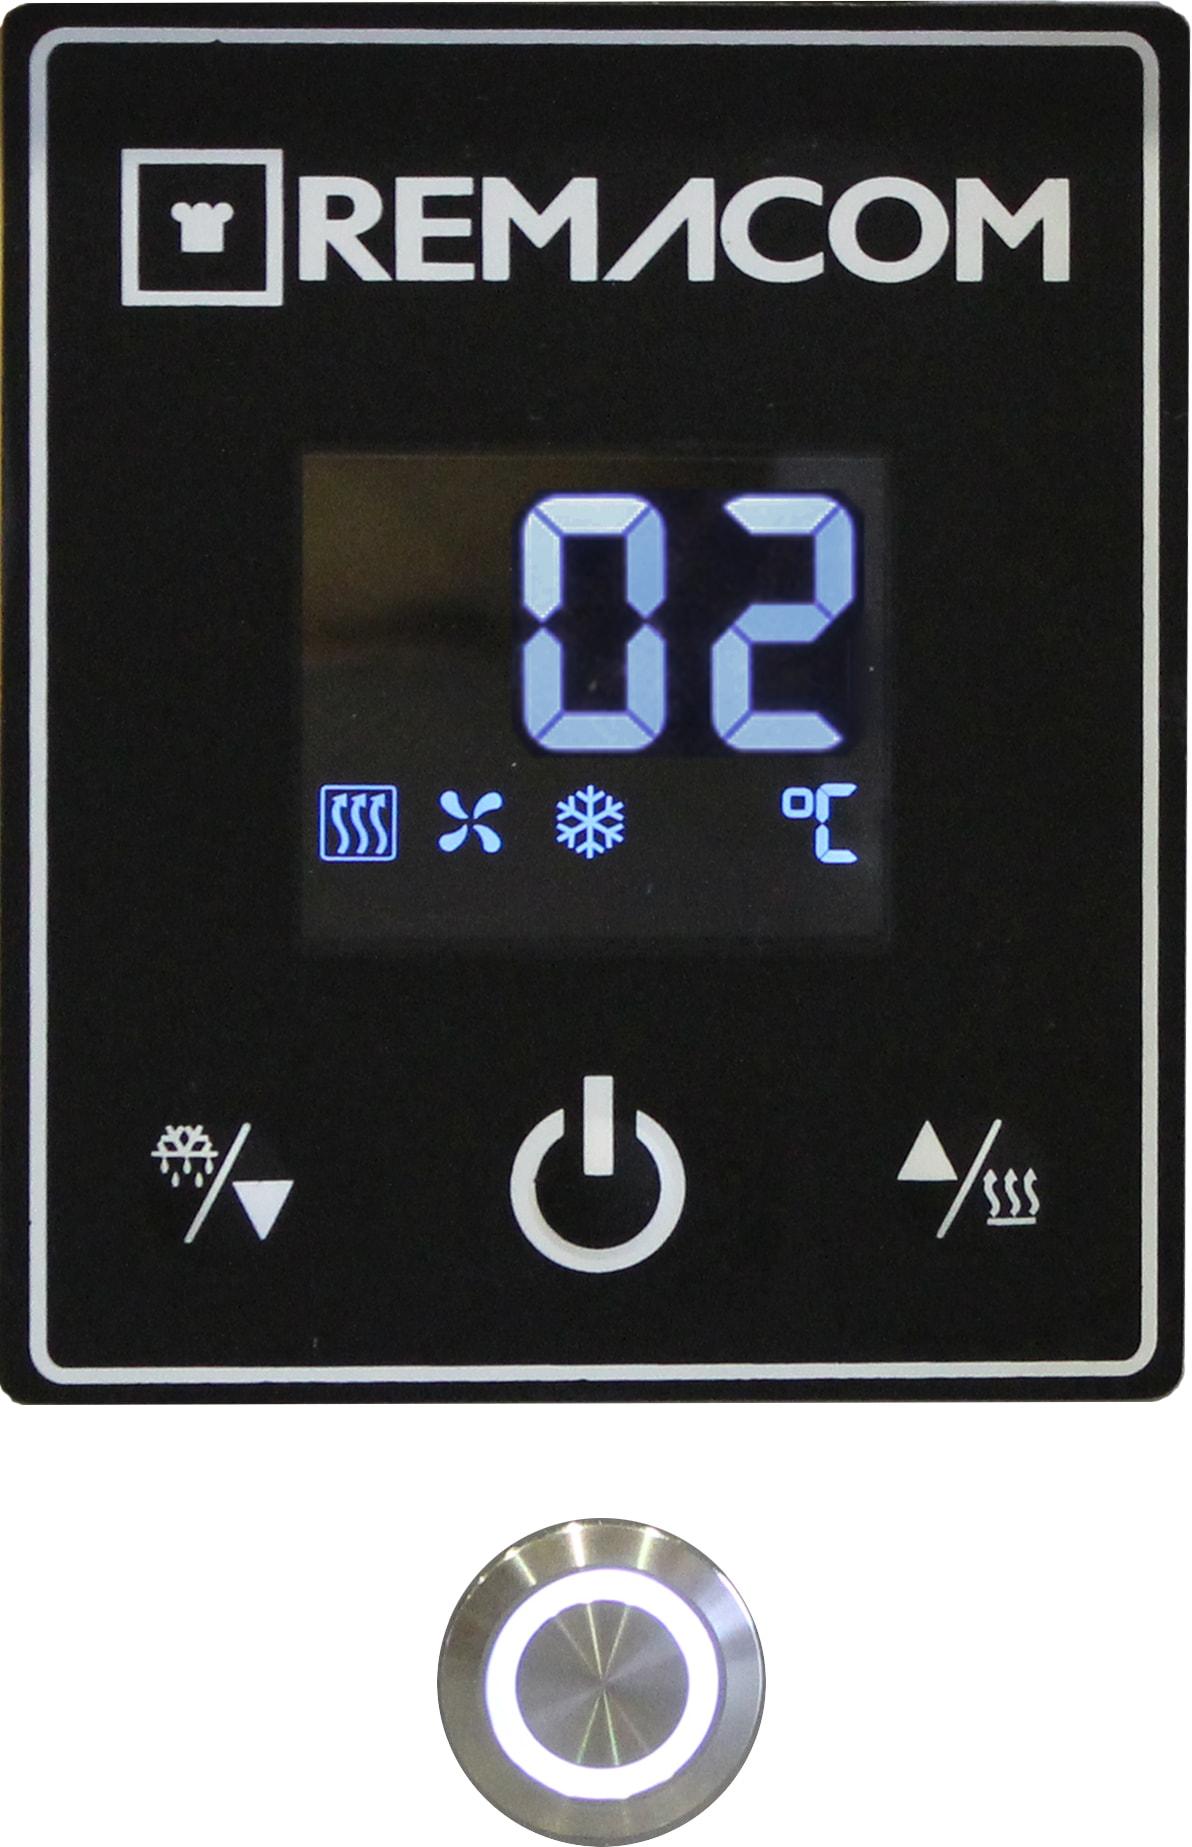 デジタル温度表示